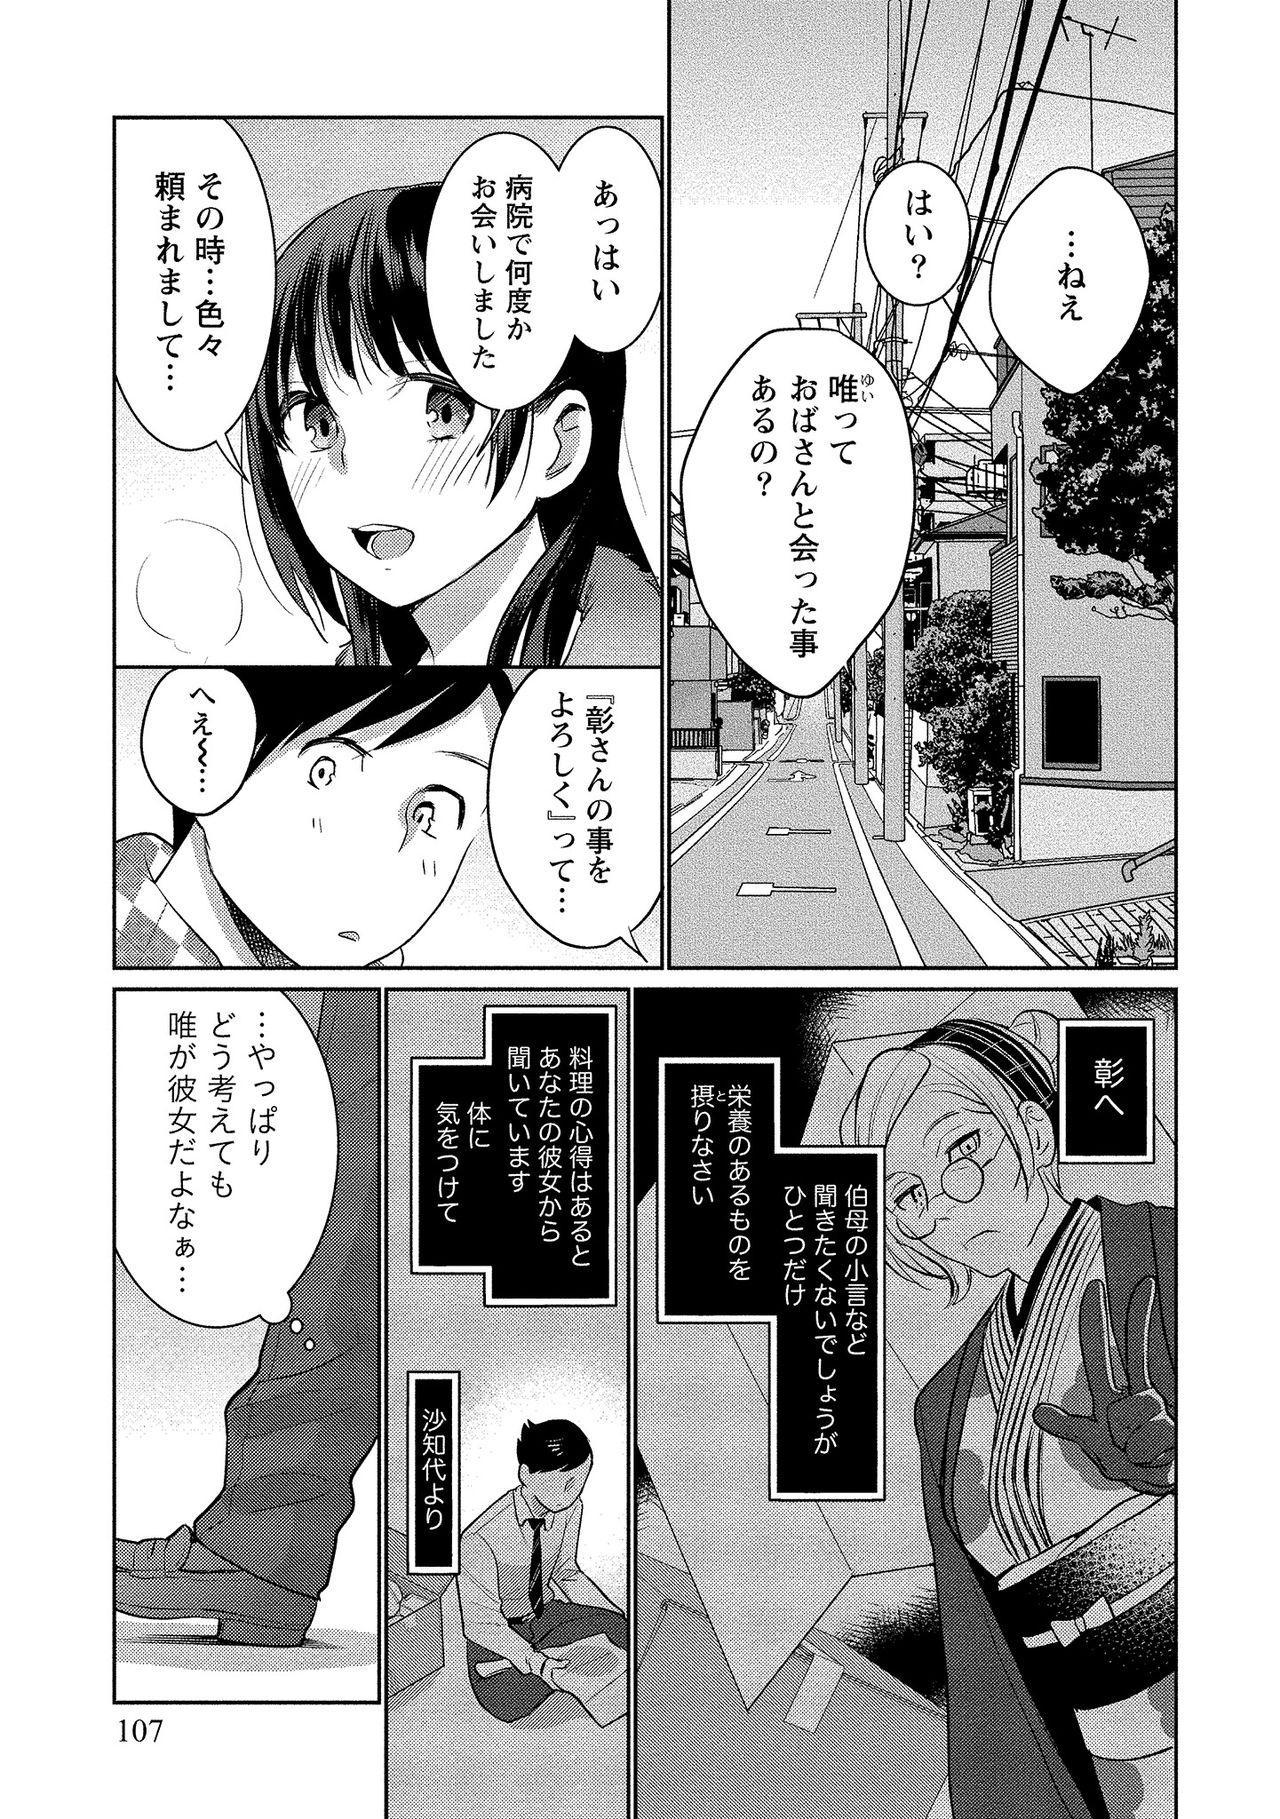 Dorobou Neko wa Kanojo no Hajimari 107